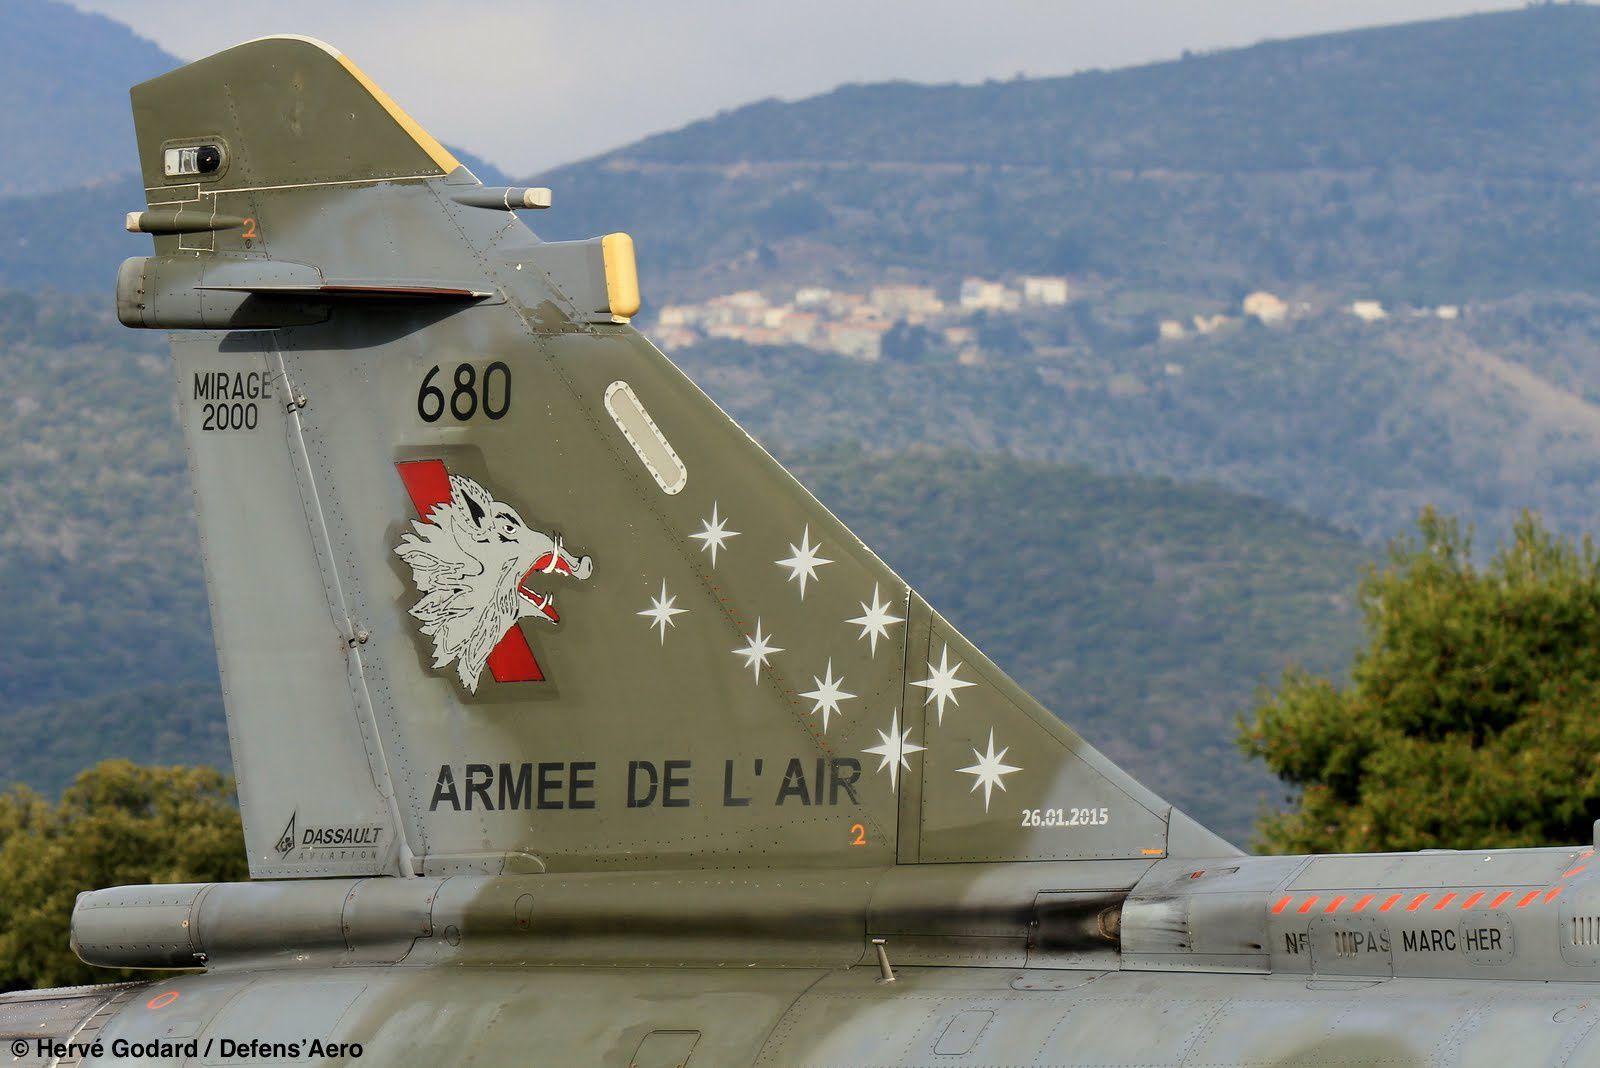 Dérive dédiée à la mémoire des neufs aviateurs morts sur la base d'Albacete, le 26 janvier 2015.